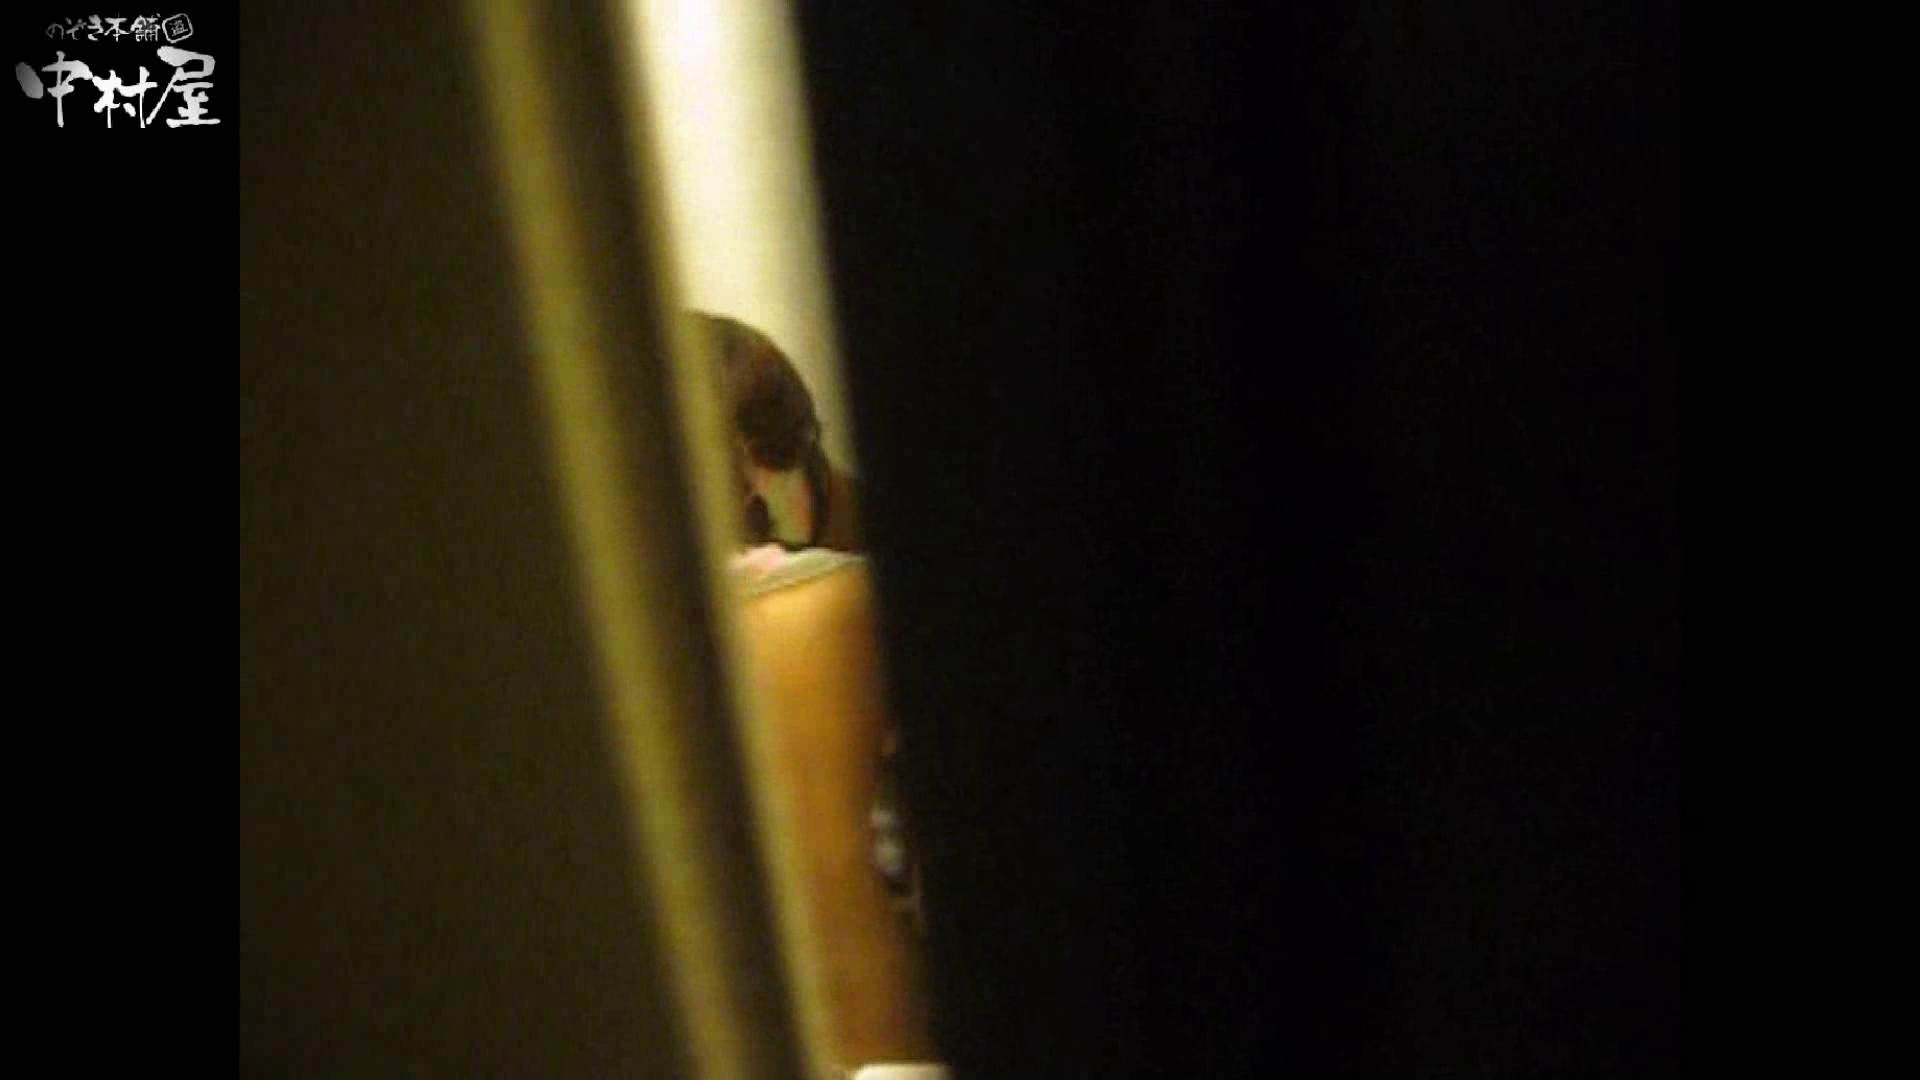 民家風呂専門盗撮師の超危険映像 vol.015 民家 すけべAV動画紹介 107連発 11